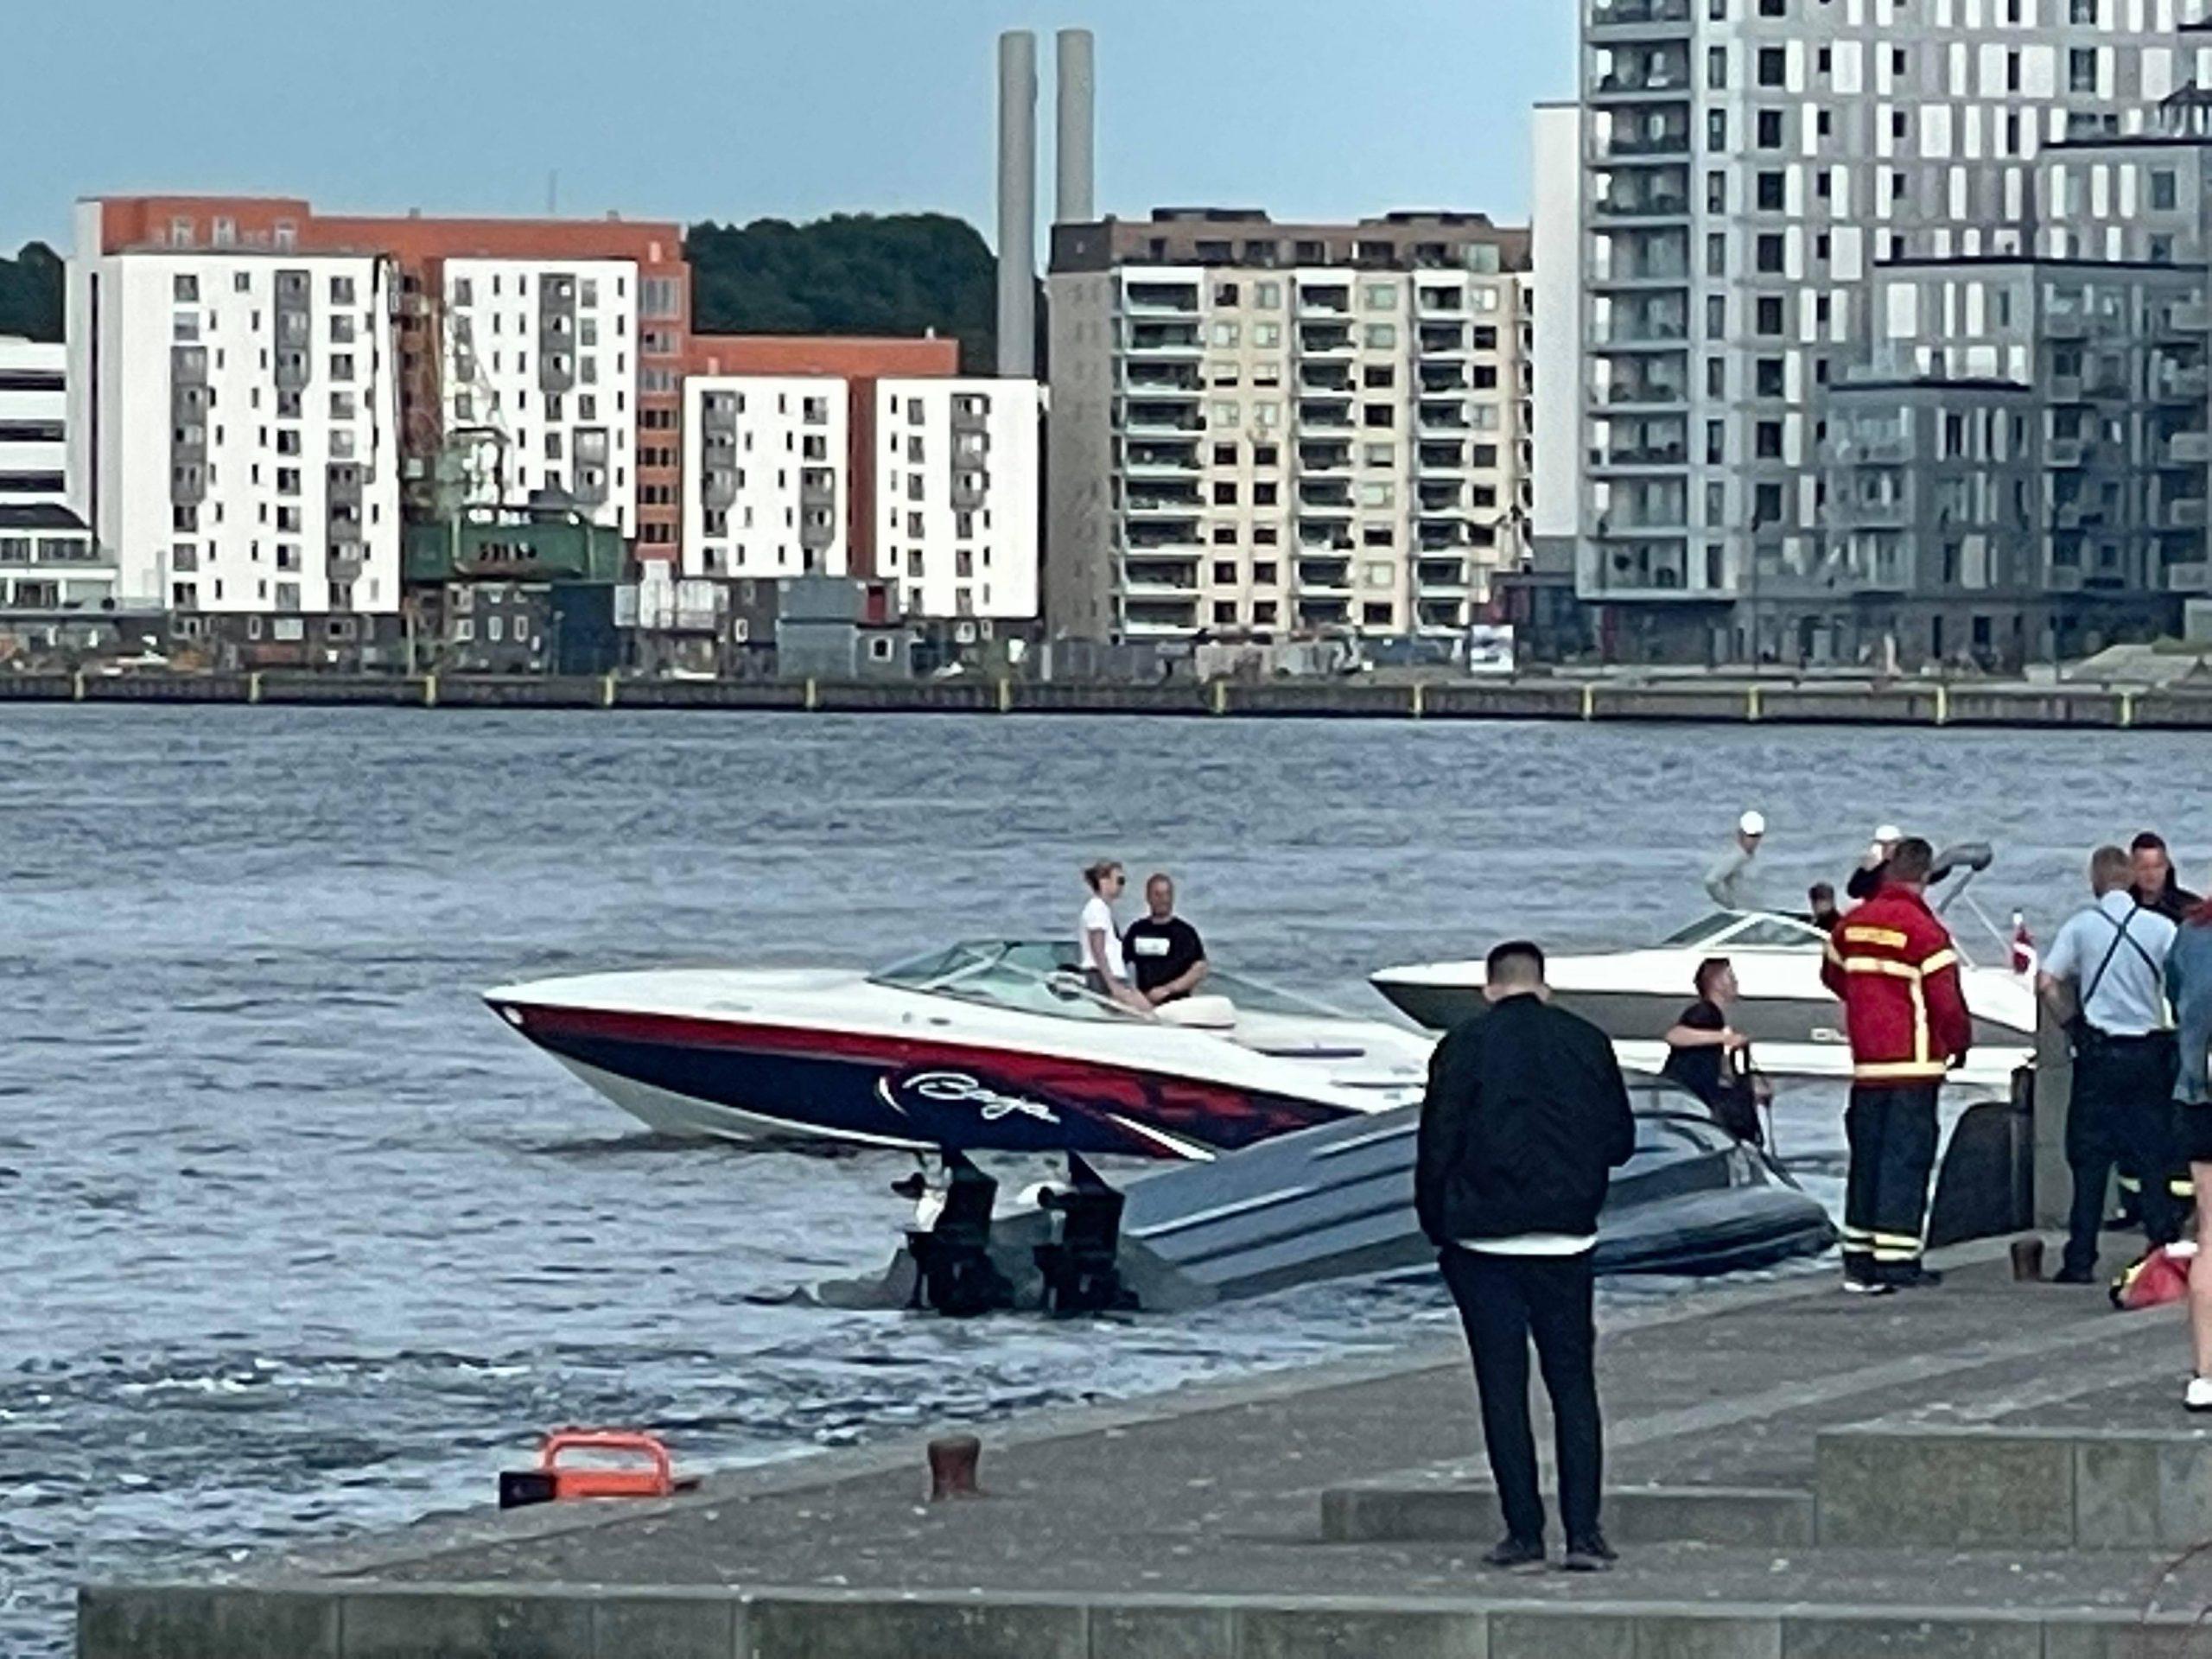 Båd i ulykke: Stor redningsaktion i gang på Havnefronten